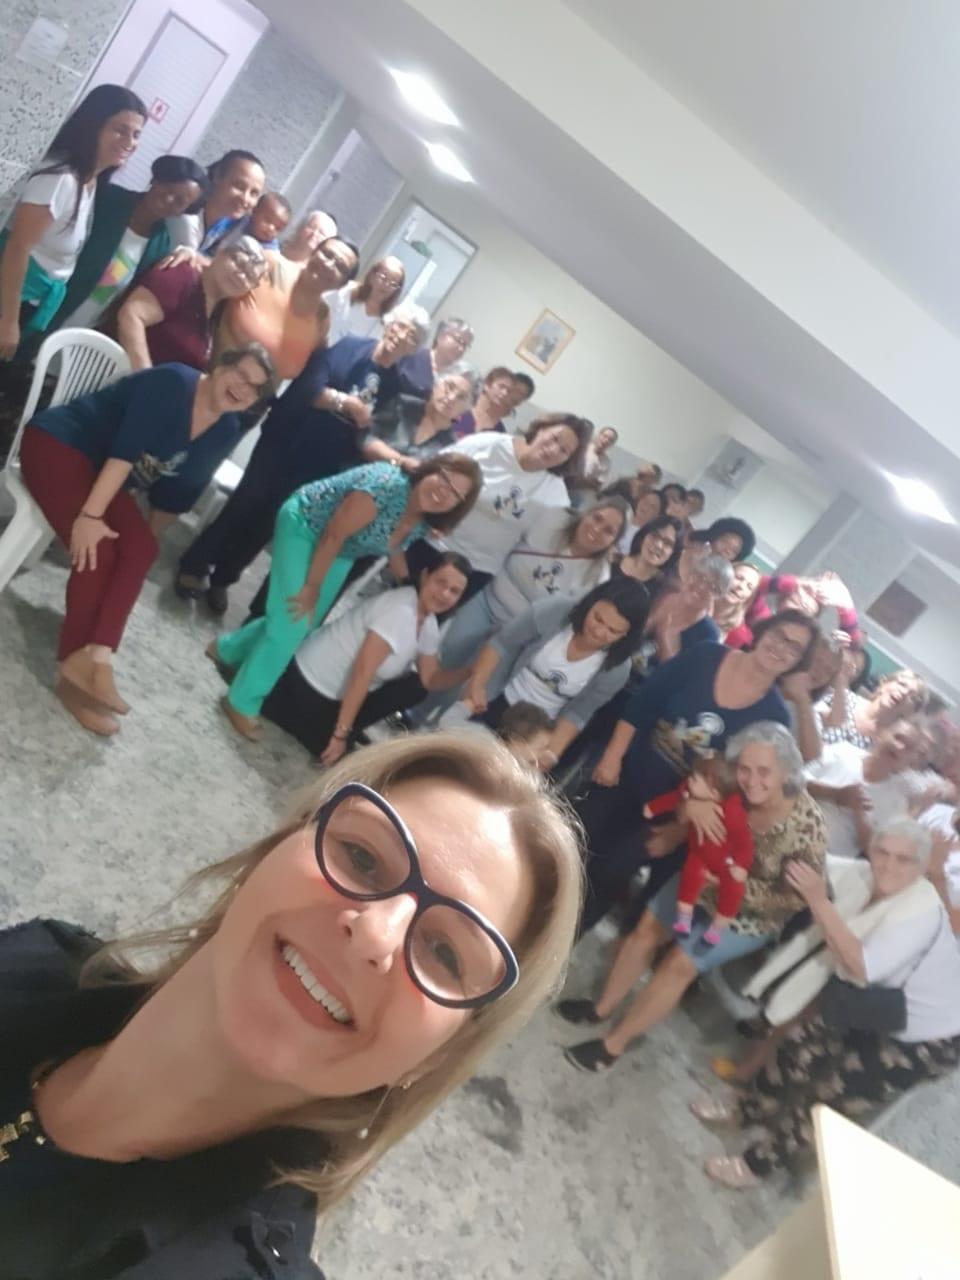 GRUPO DE MÃES PARÓQUIA NOSSA SENHORA IMACULADA CONCEIÇÃO – CACHOEIRAS DE MACACU/RJ